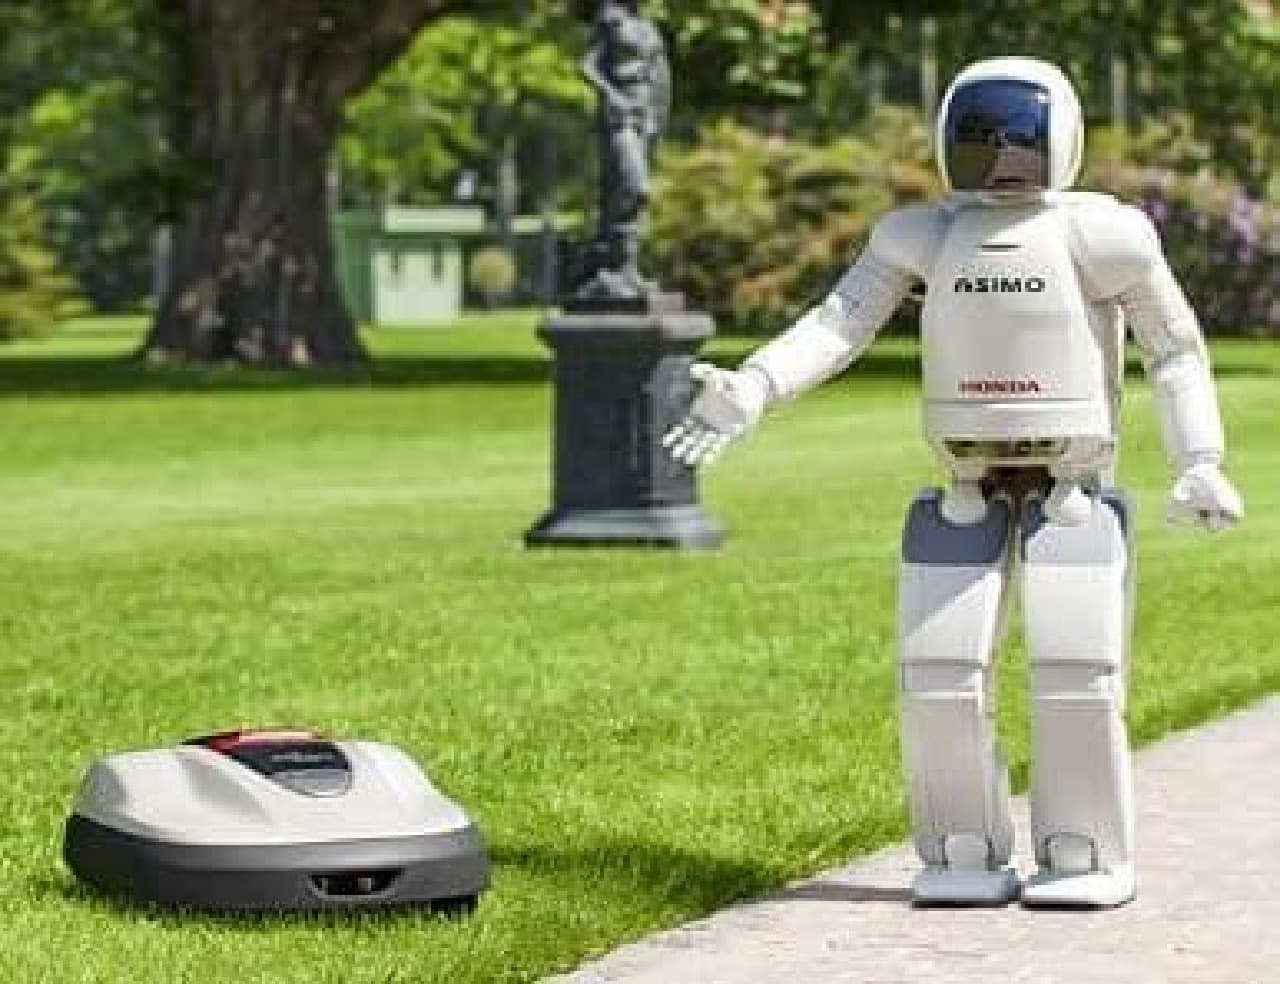 ホンダ、ロボット芝刈機「Miimo HRM520」を発売